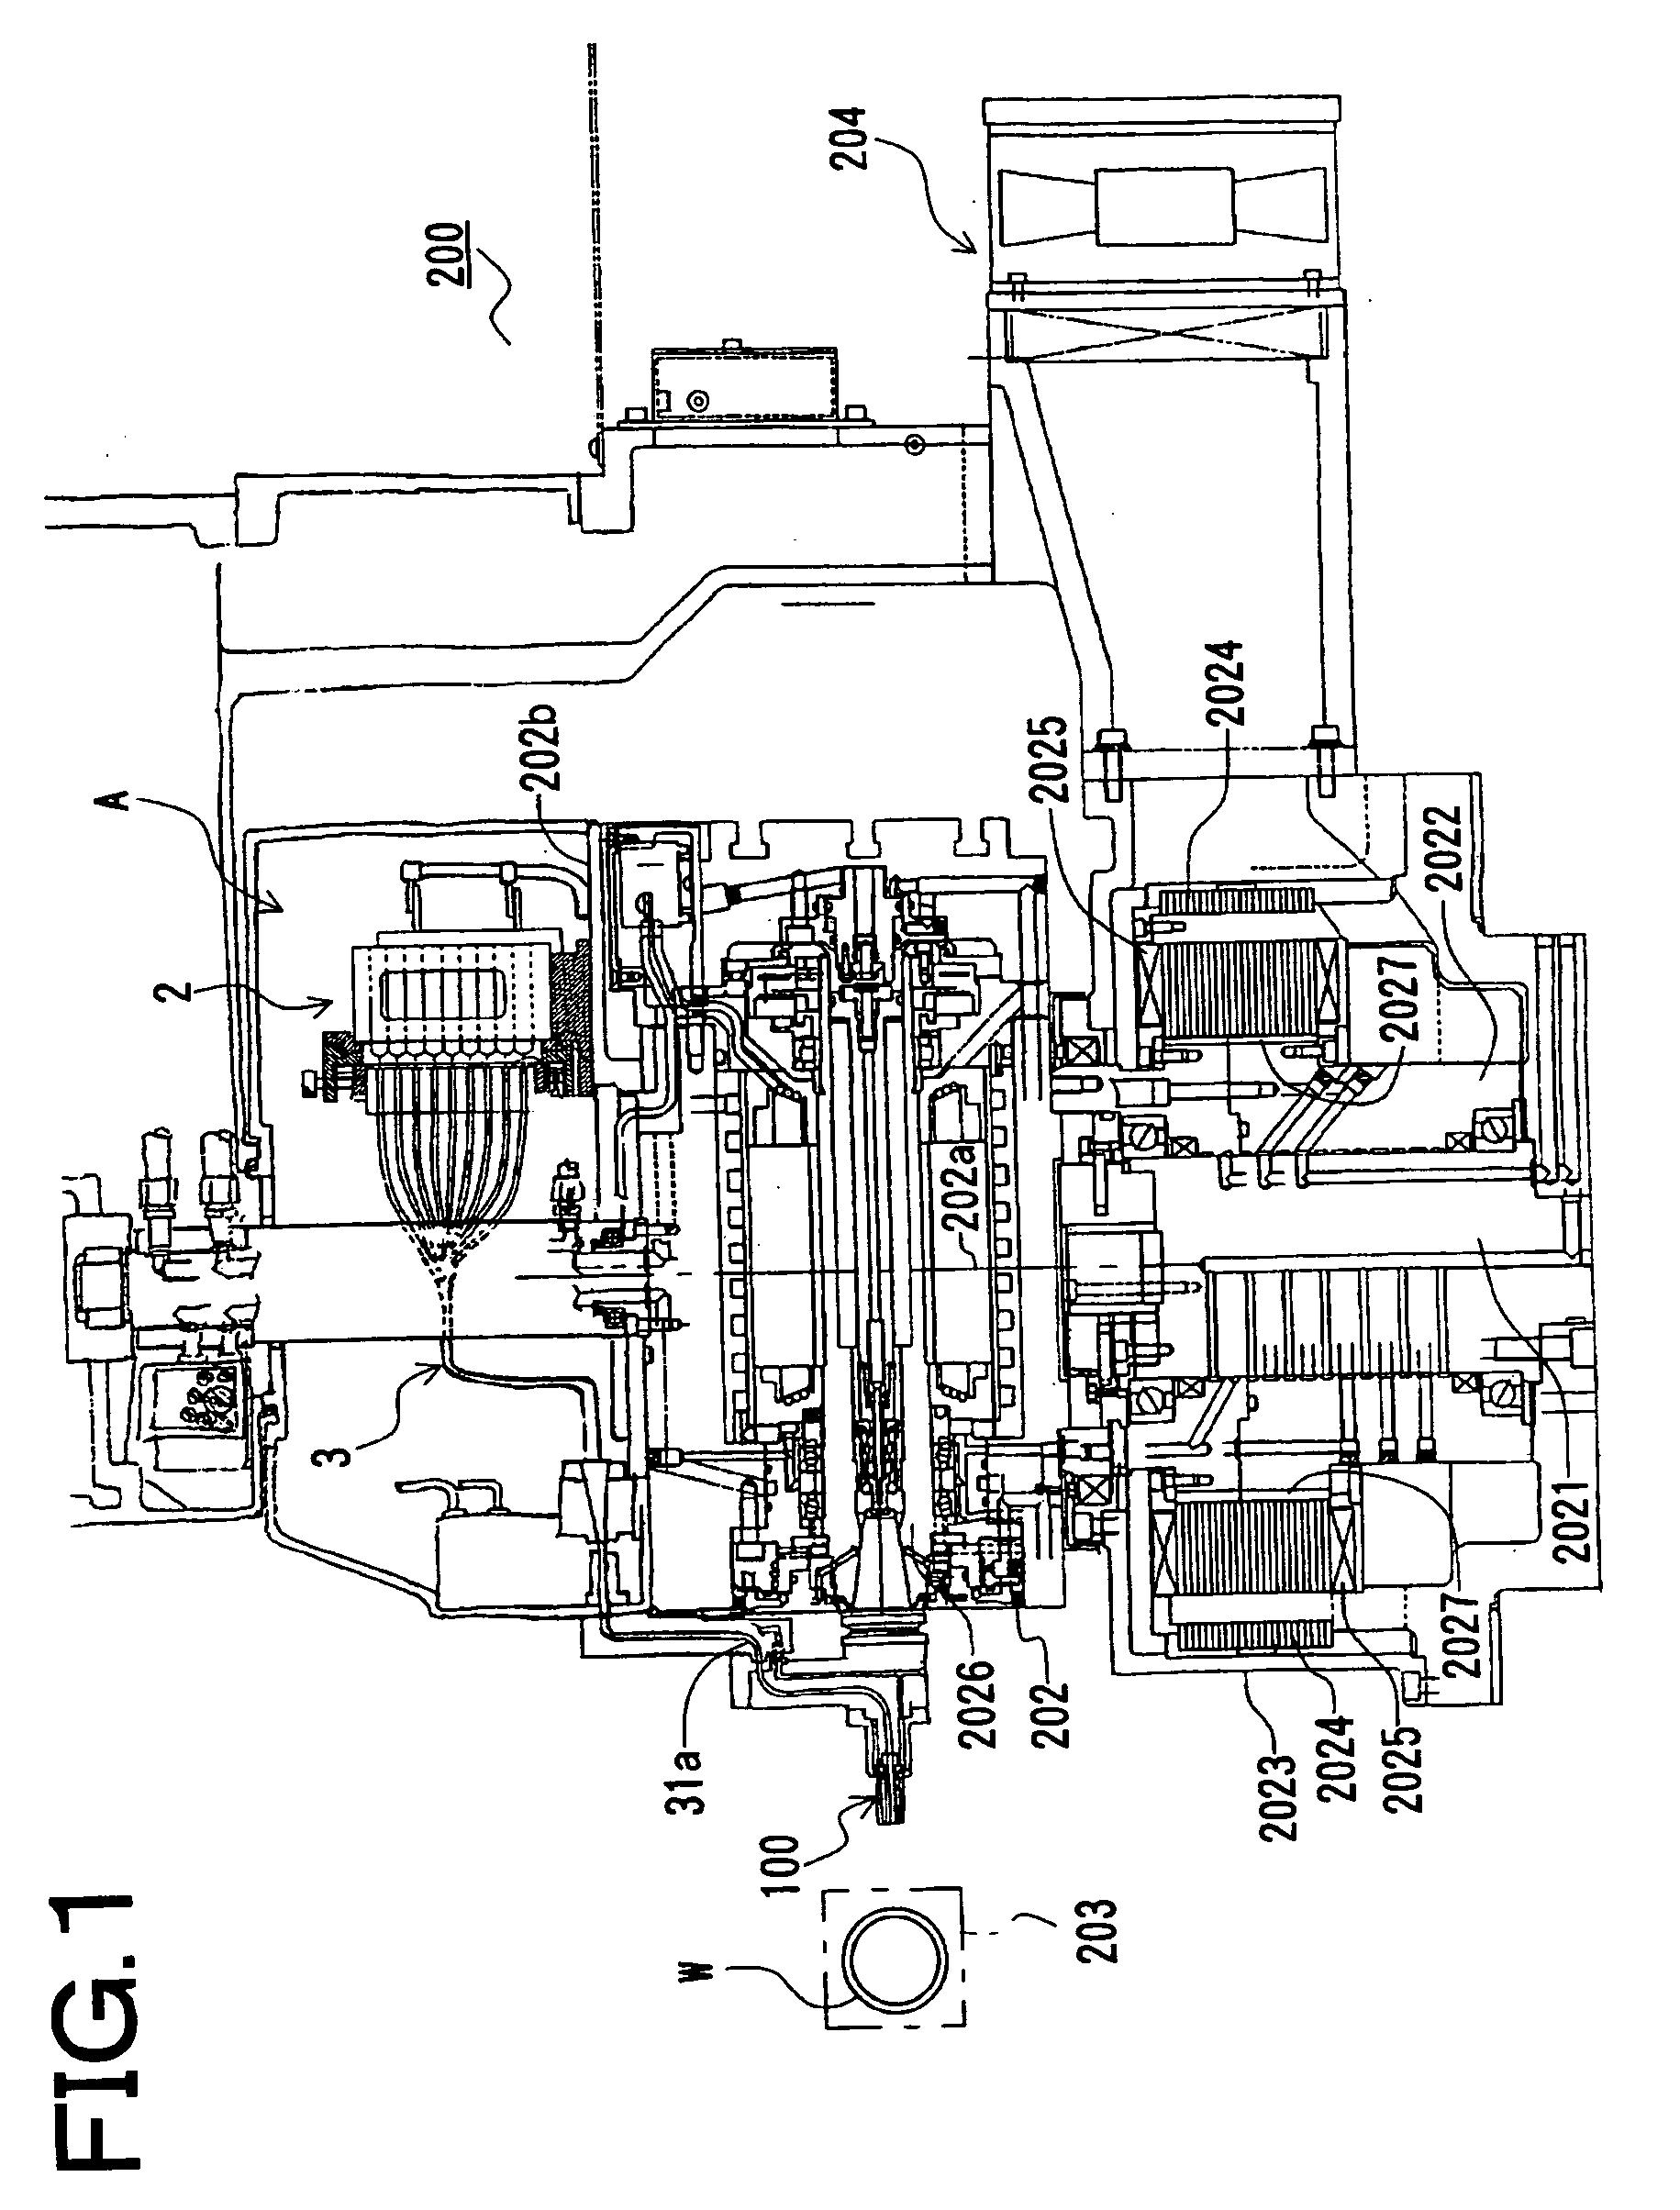 专利ep1568438b1 - werkzeugmaschine